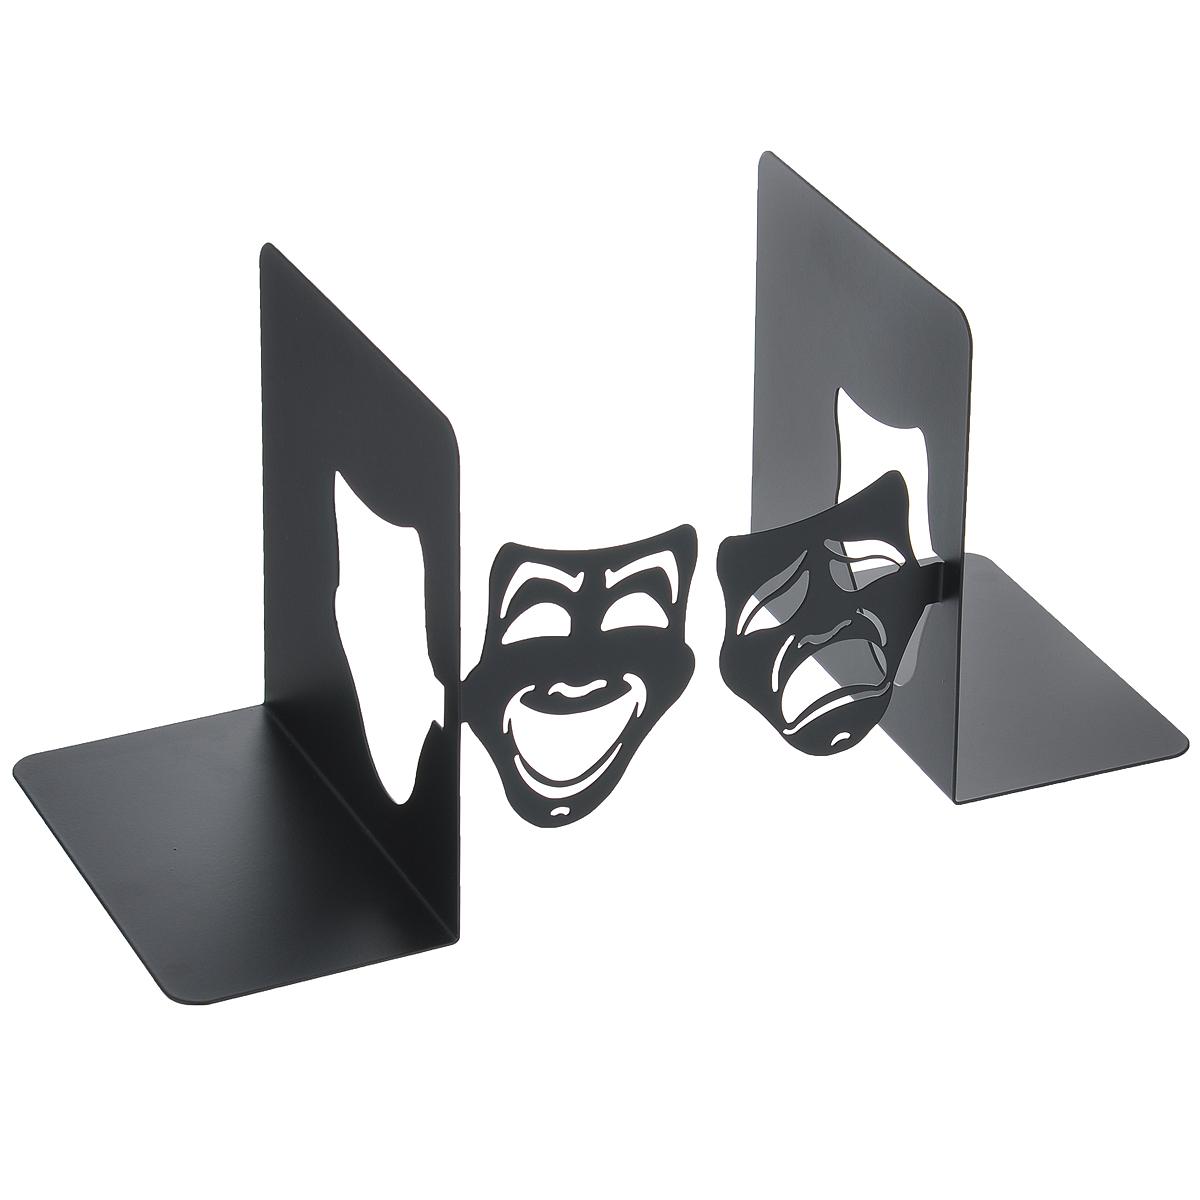 Декоративная подставка-ограничитель для книг Феникс-презент Маски, 2 шт